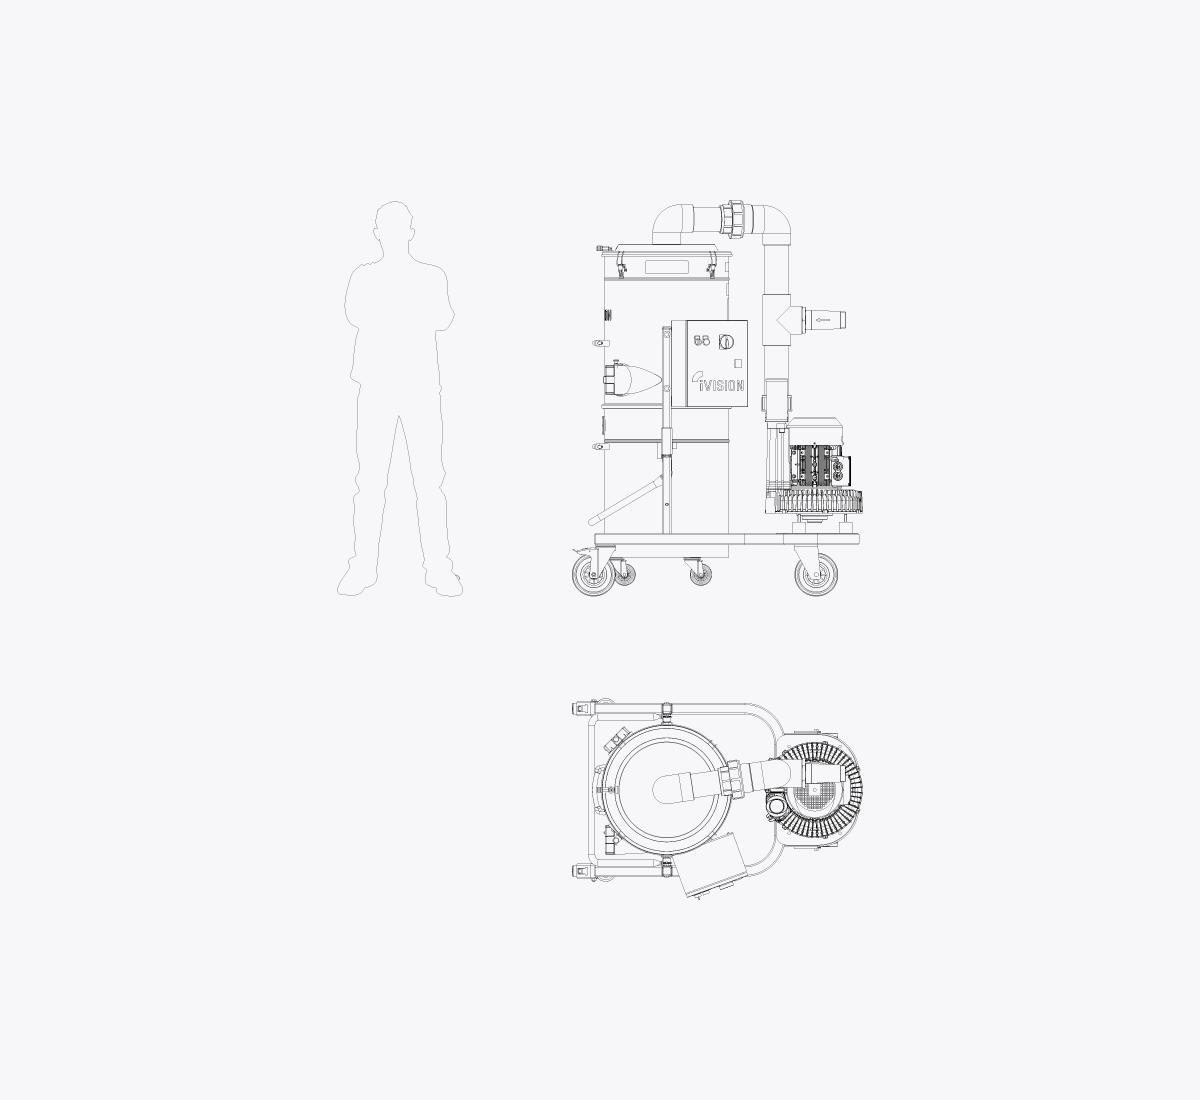 iv3-pcb-line-industrial-vacuum-cleaners-ivision-vacuum-dt